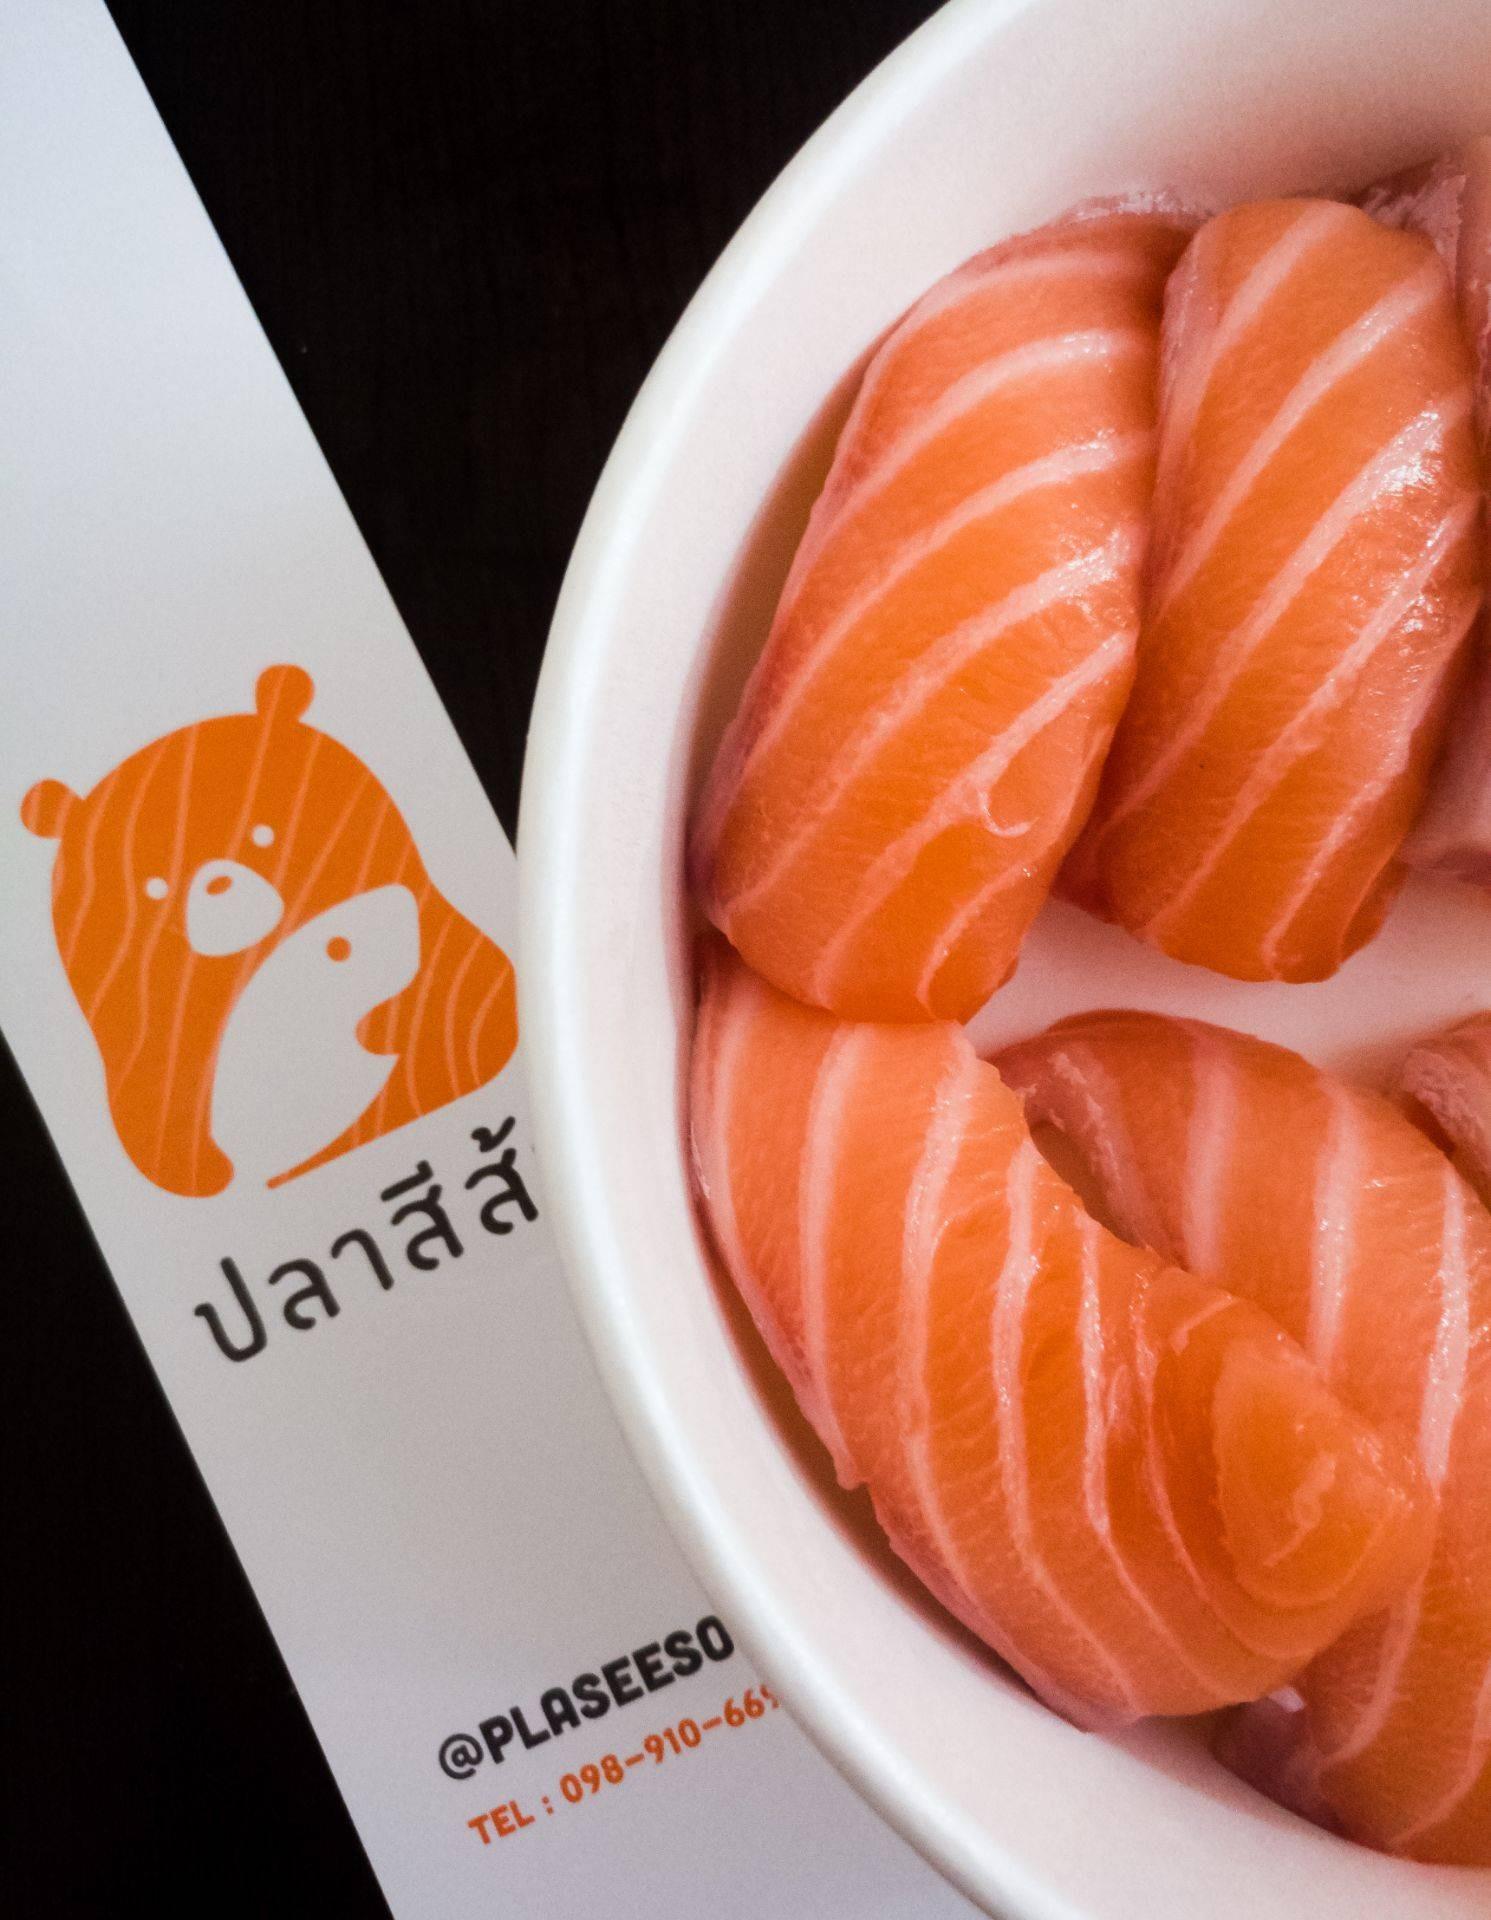 ปลาสีส้ม เจริญกรุง - ถนนตก - หัวลำโพง